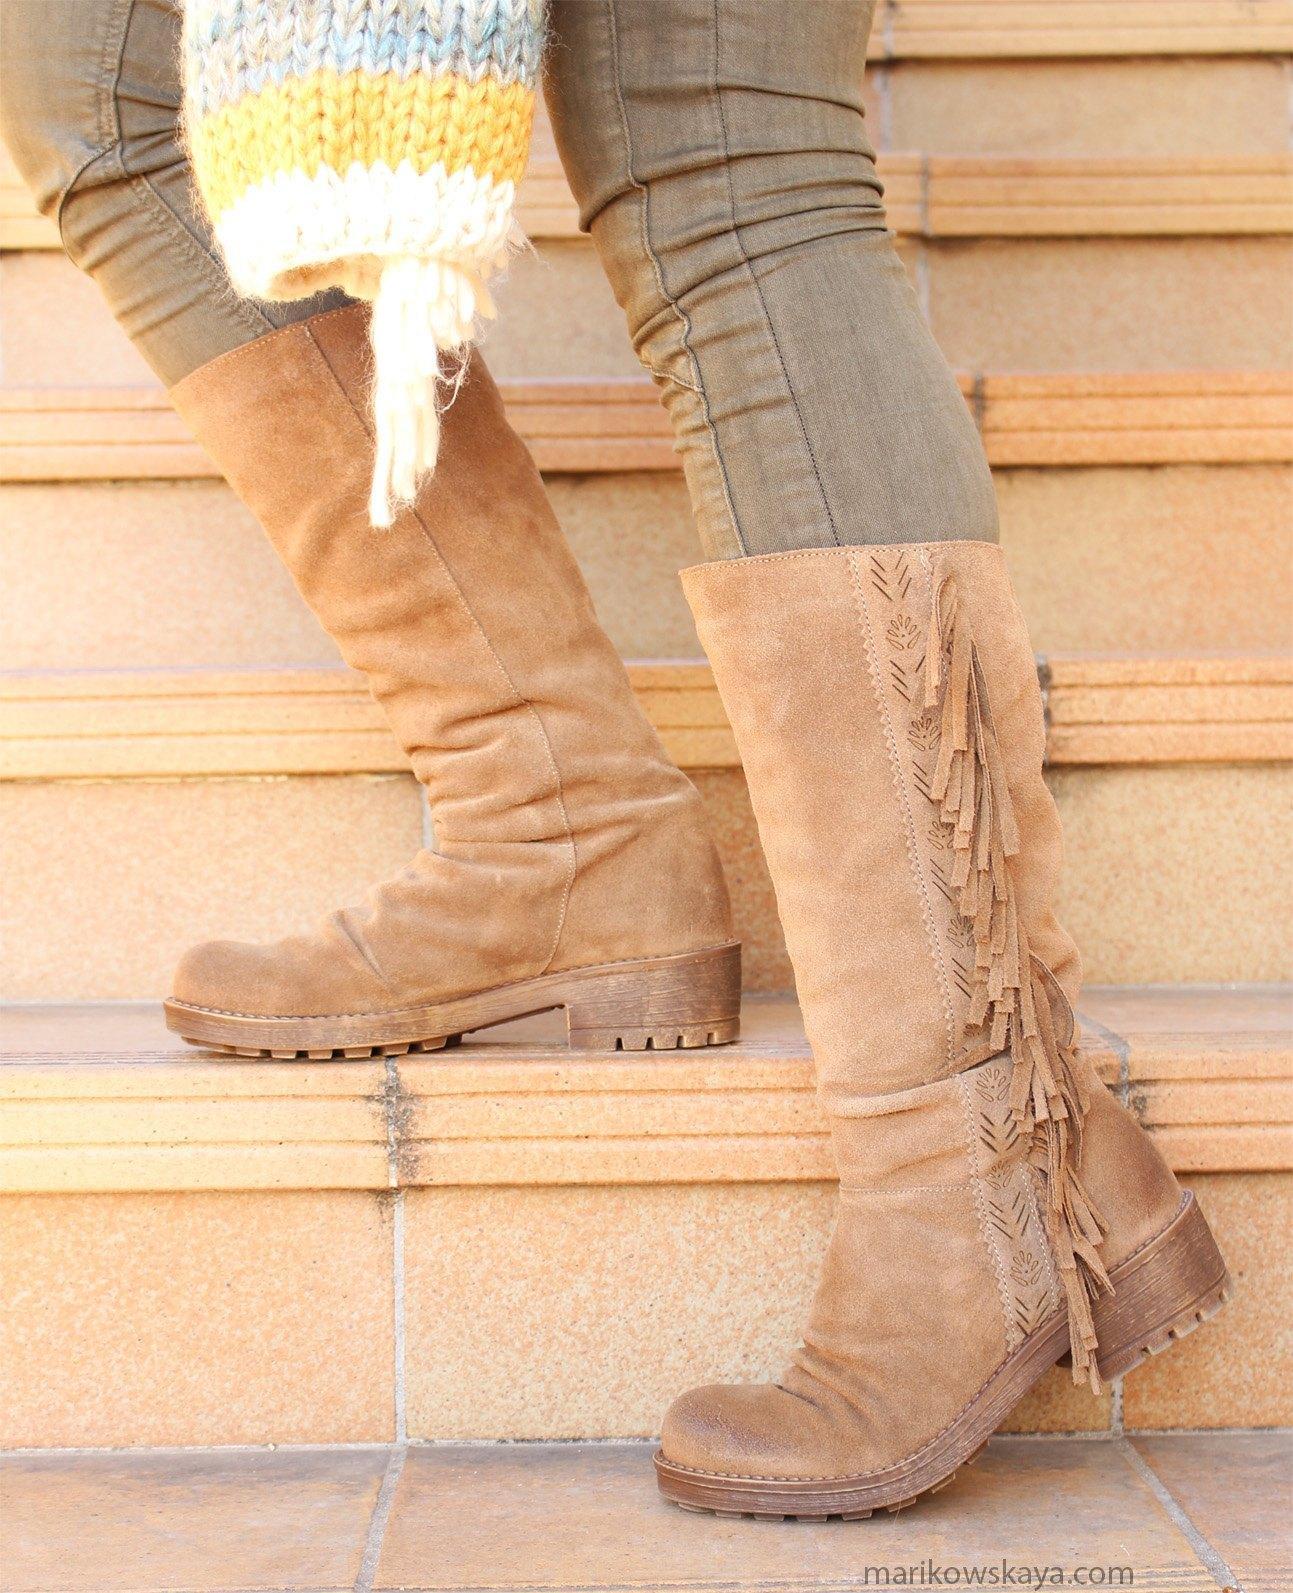 marikowskaya street style botas con flecos 13